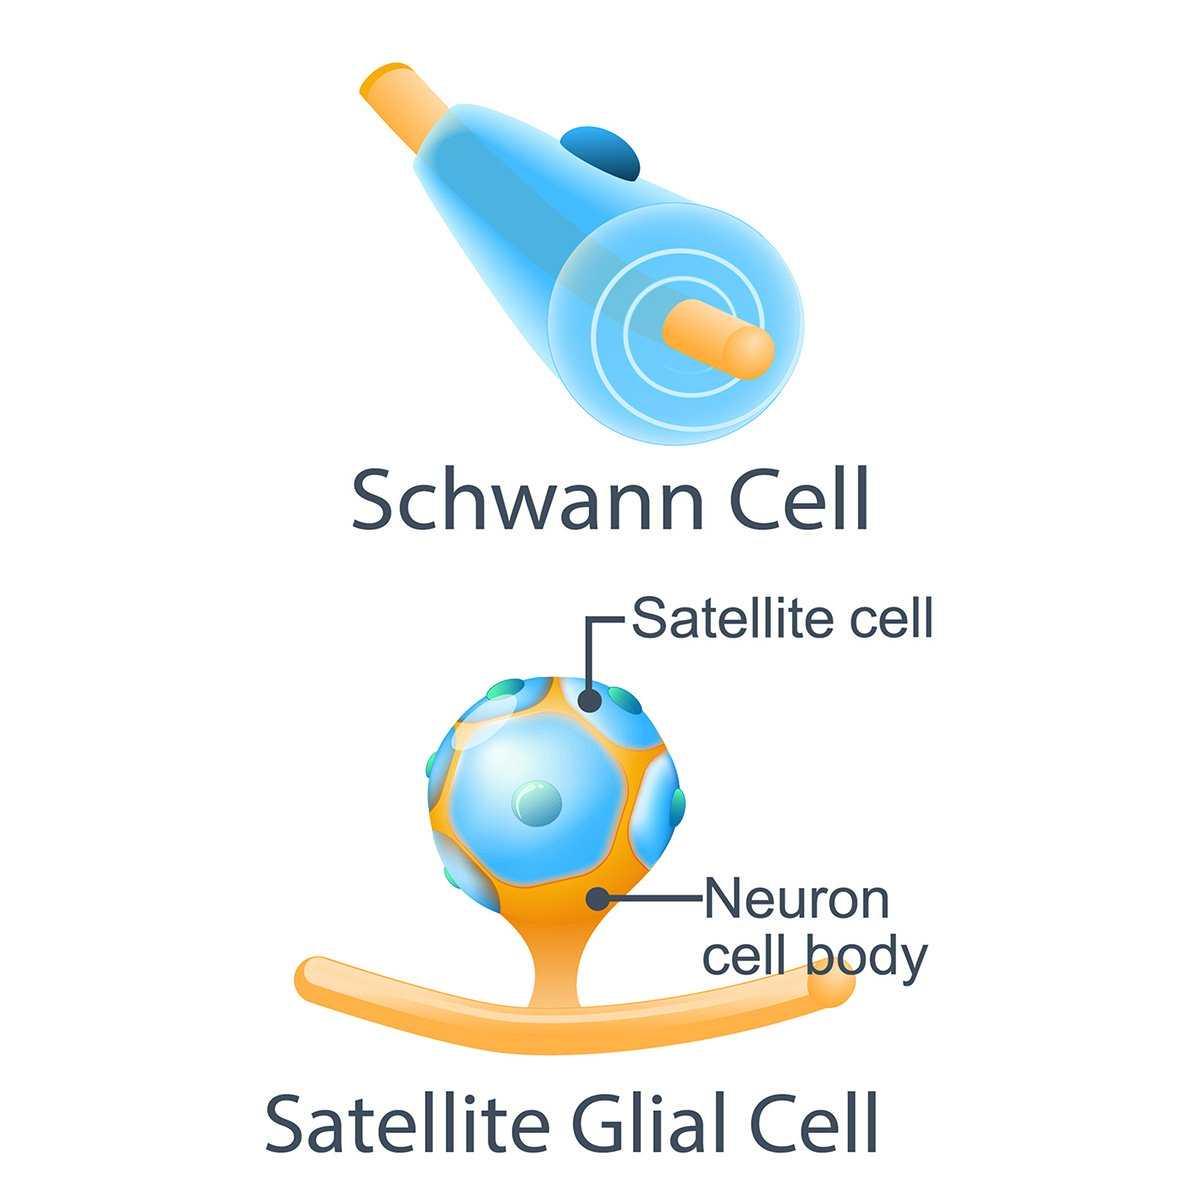 schwann-cells-satellite-cells